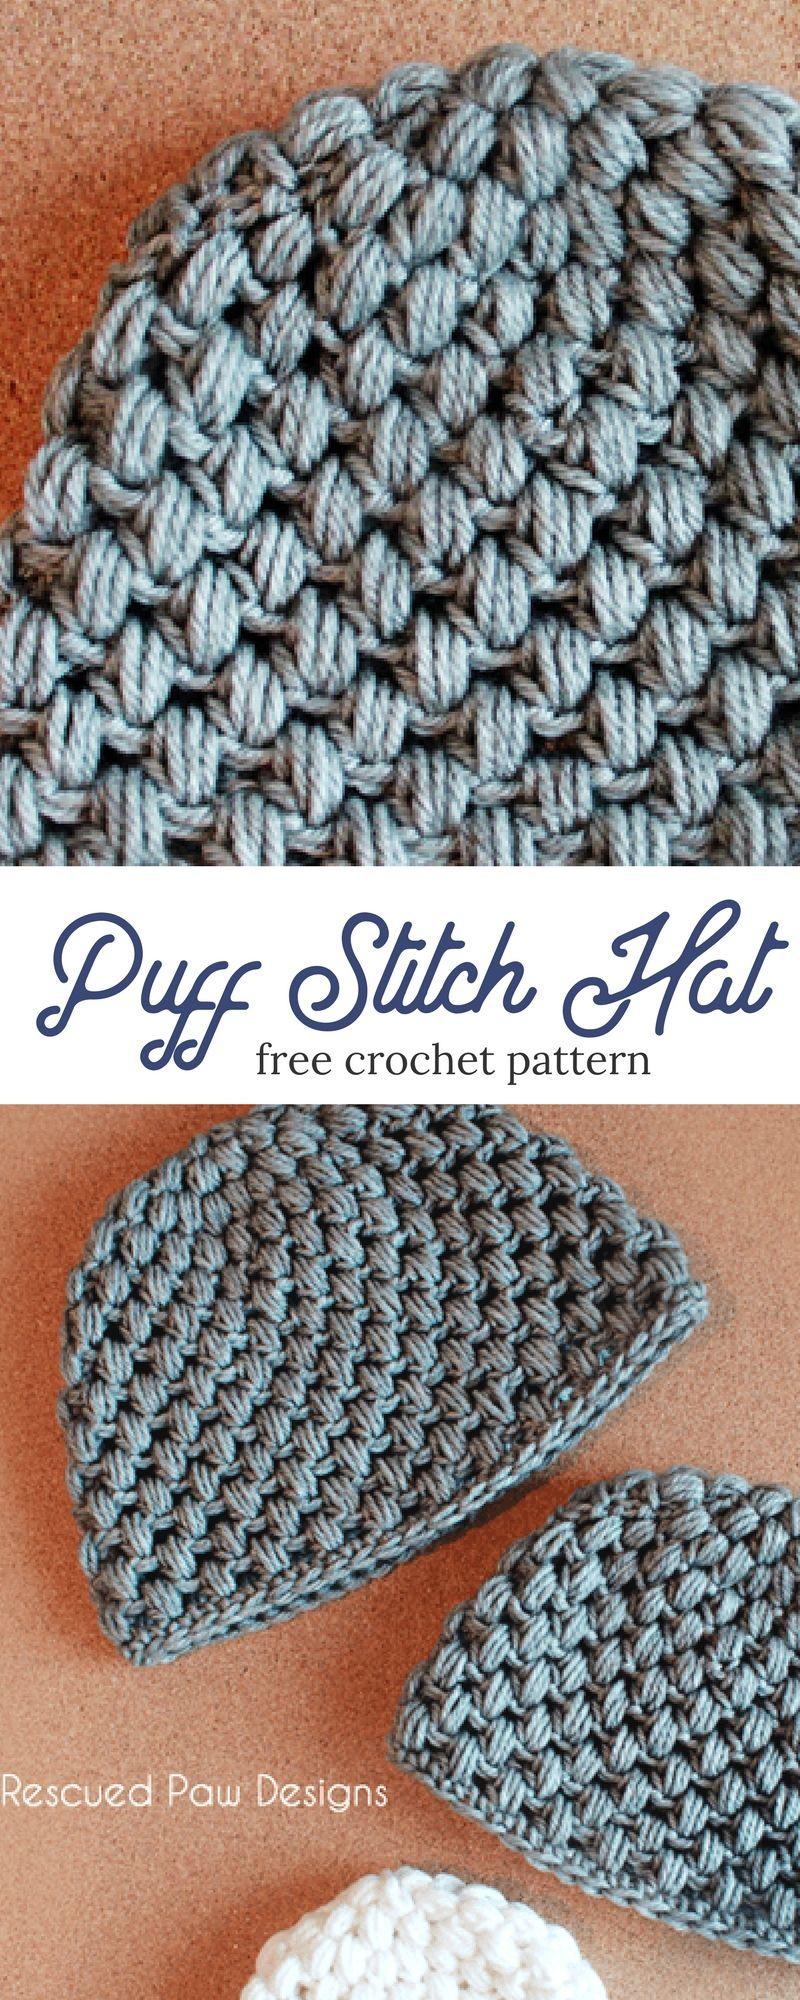 Puff stitch crochet hat pattern free crochet pattern puff stitch puff stitch crochet hat pattern free crochet pattern bankloansurffo Image collections